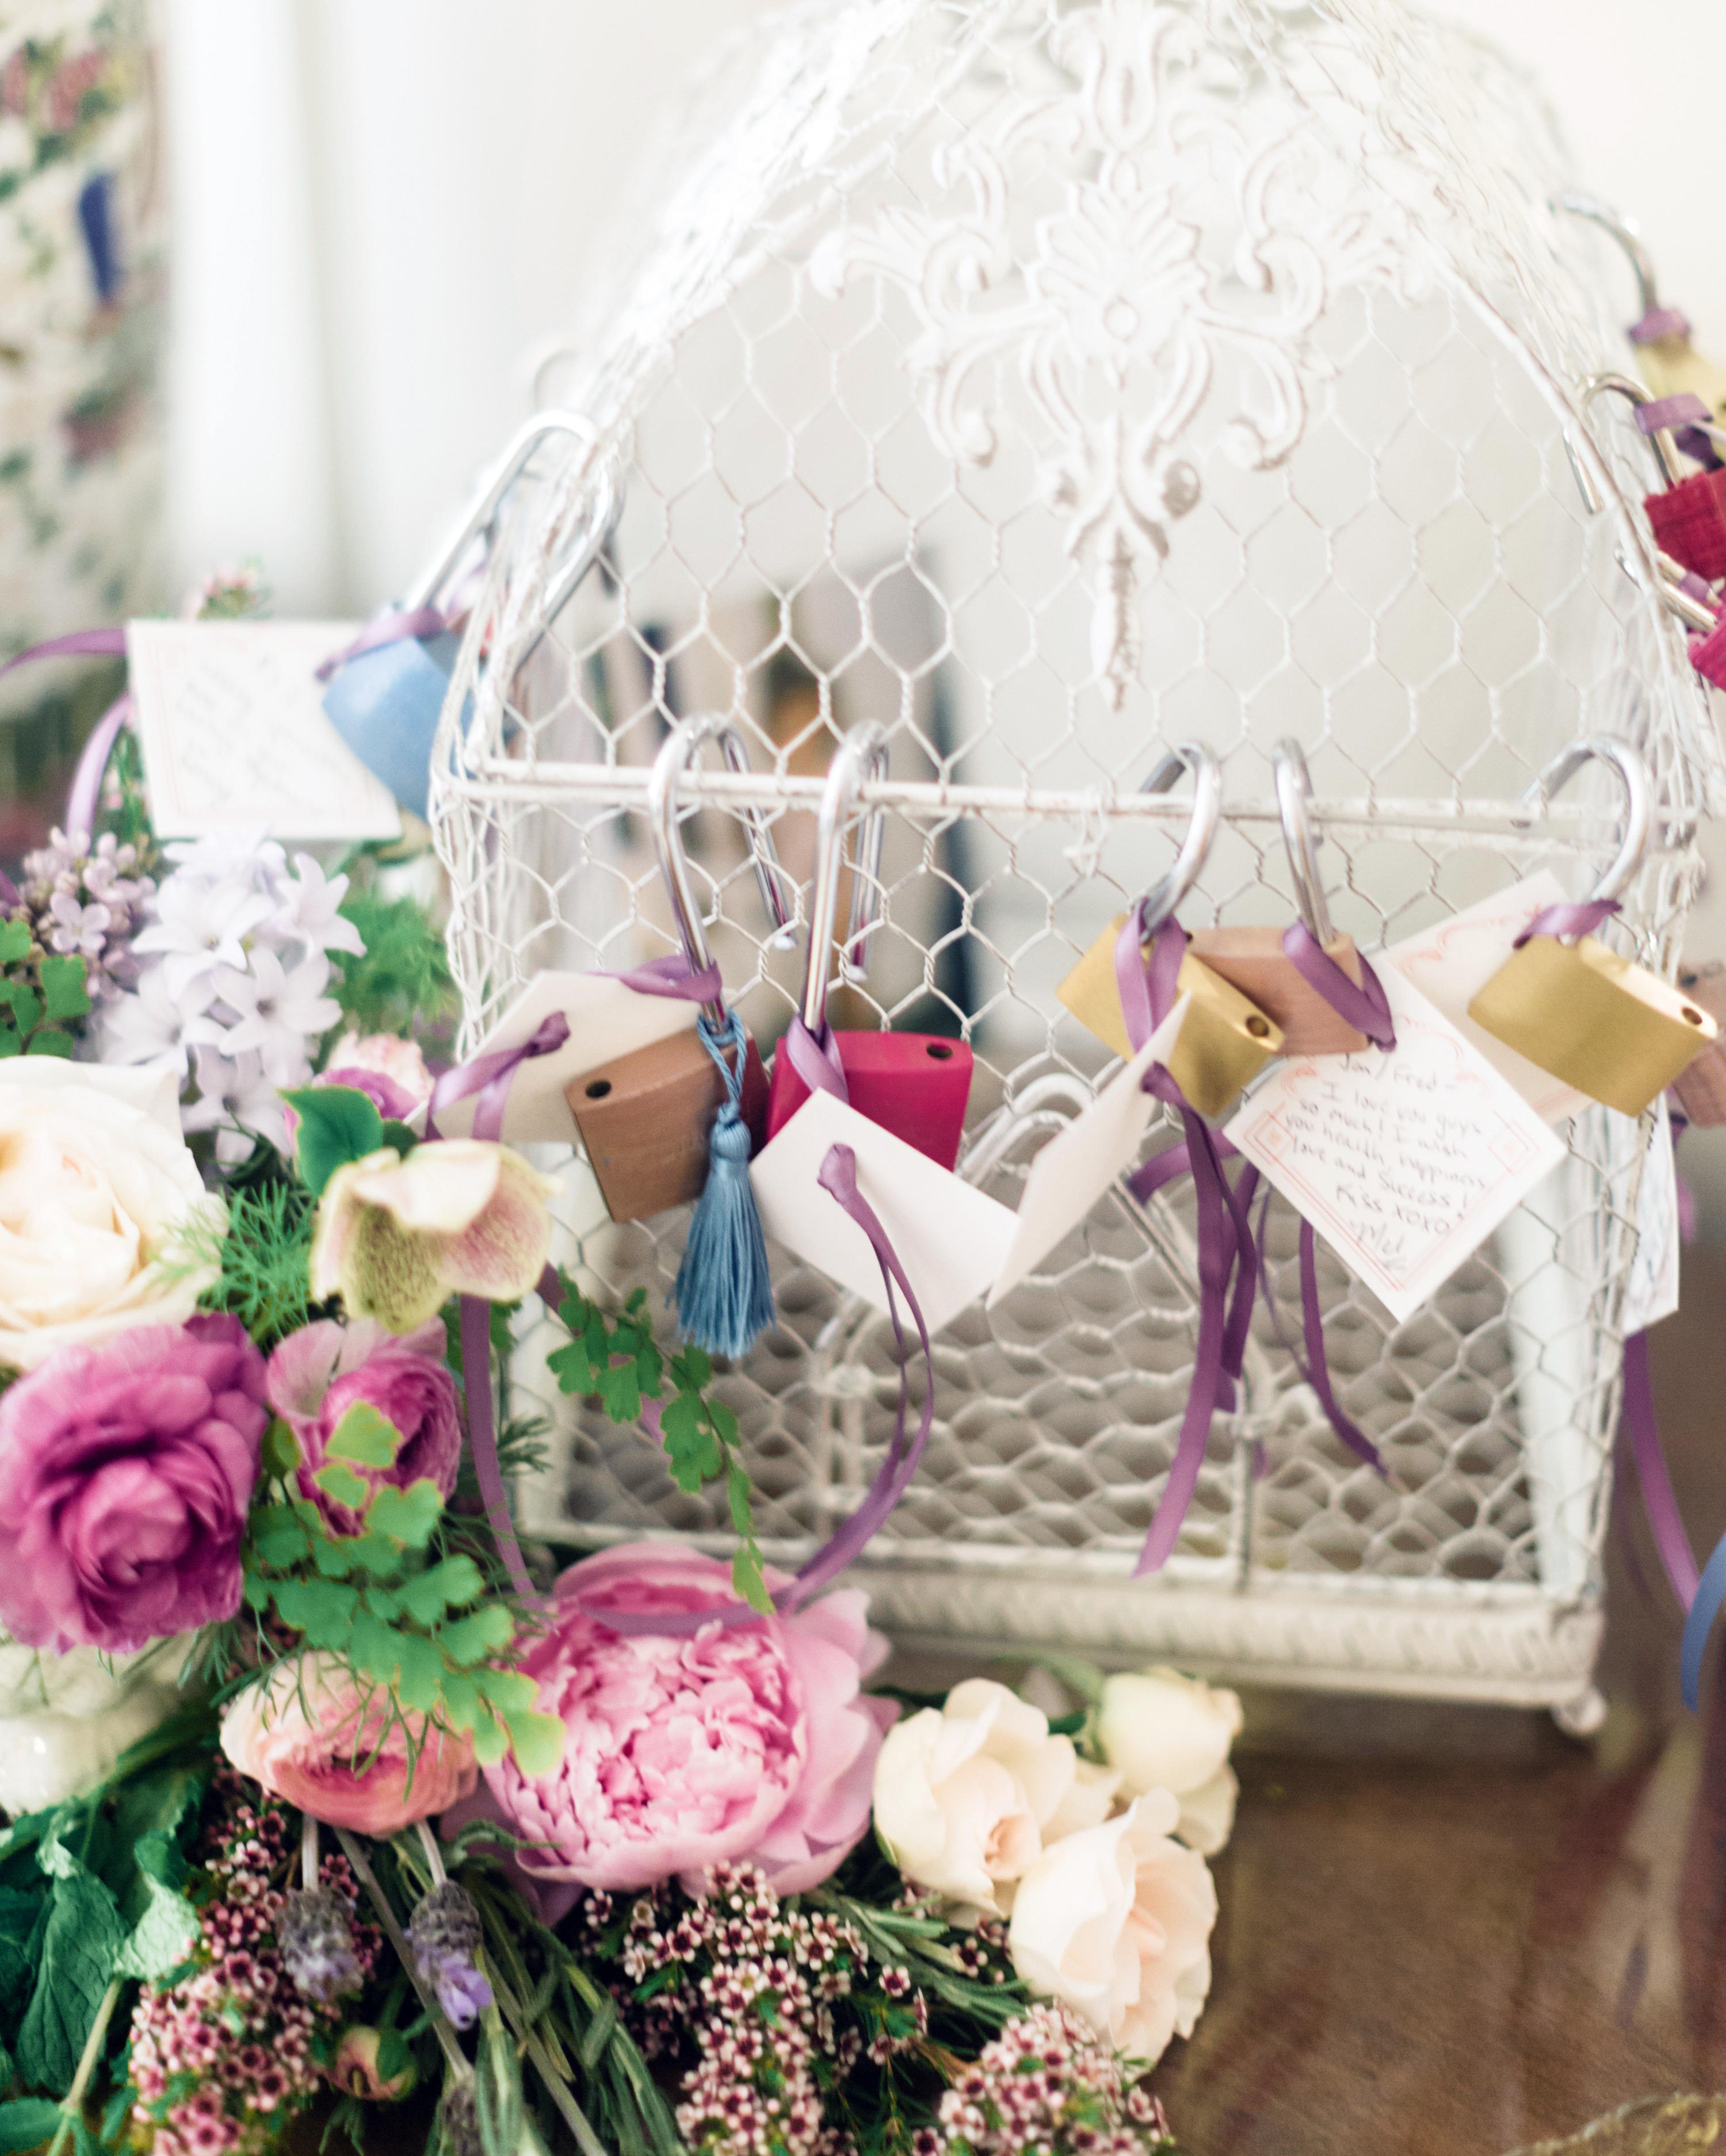 margo-me-bridal-shower-lcoks-7475-s112194-0515.jpg